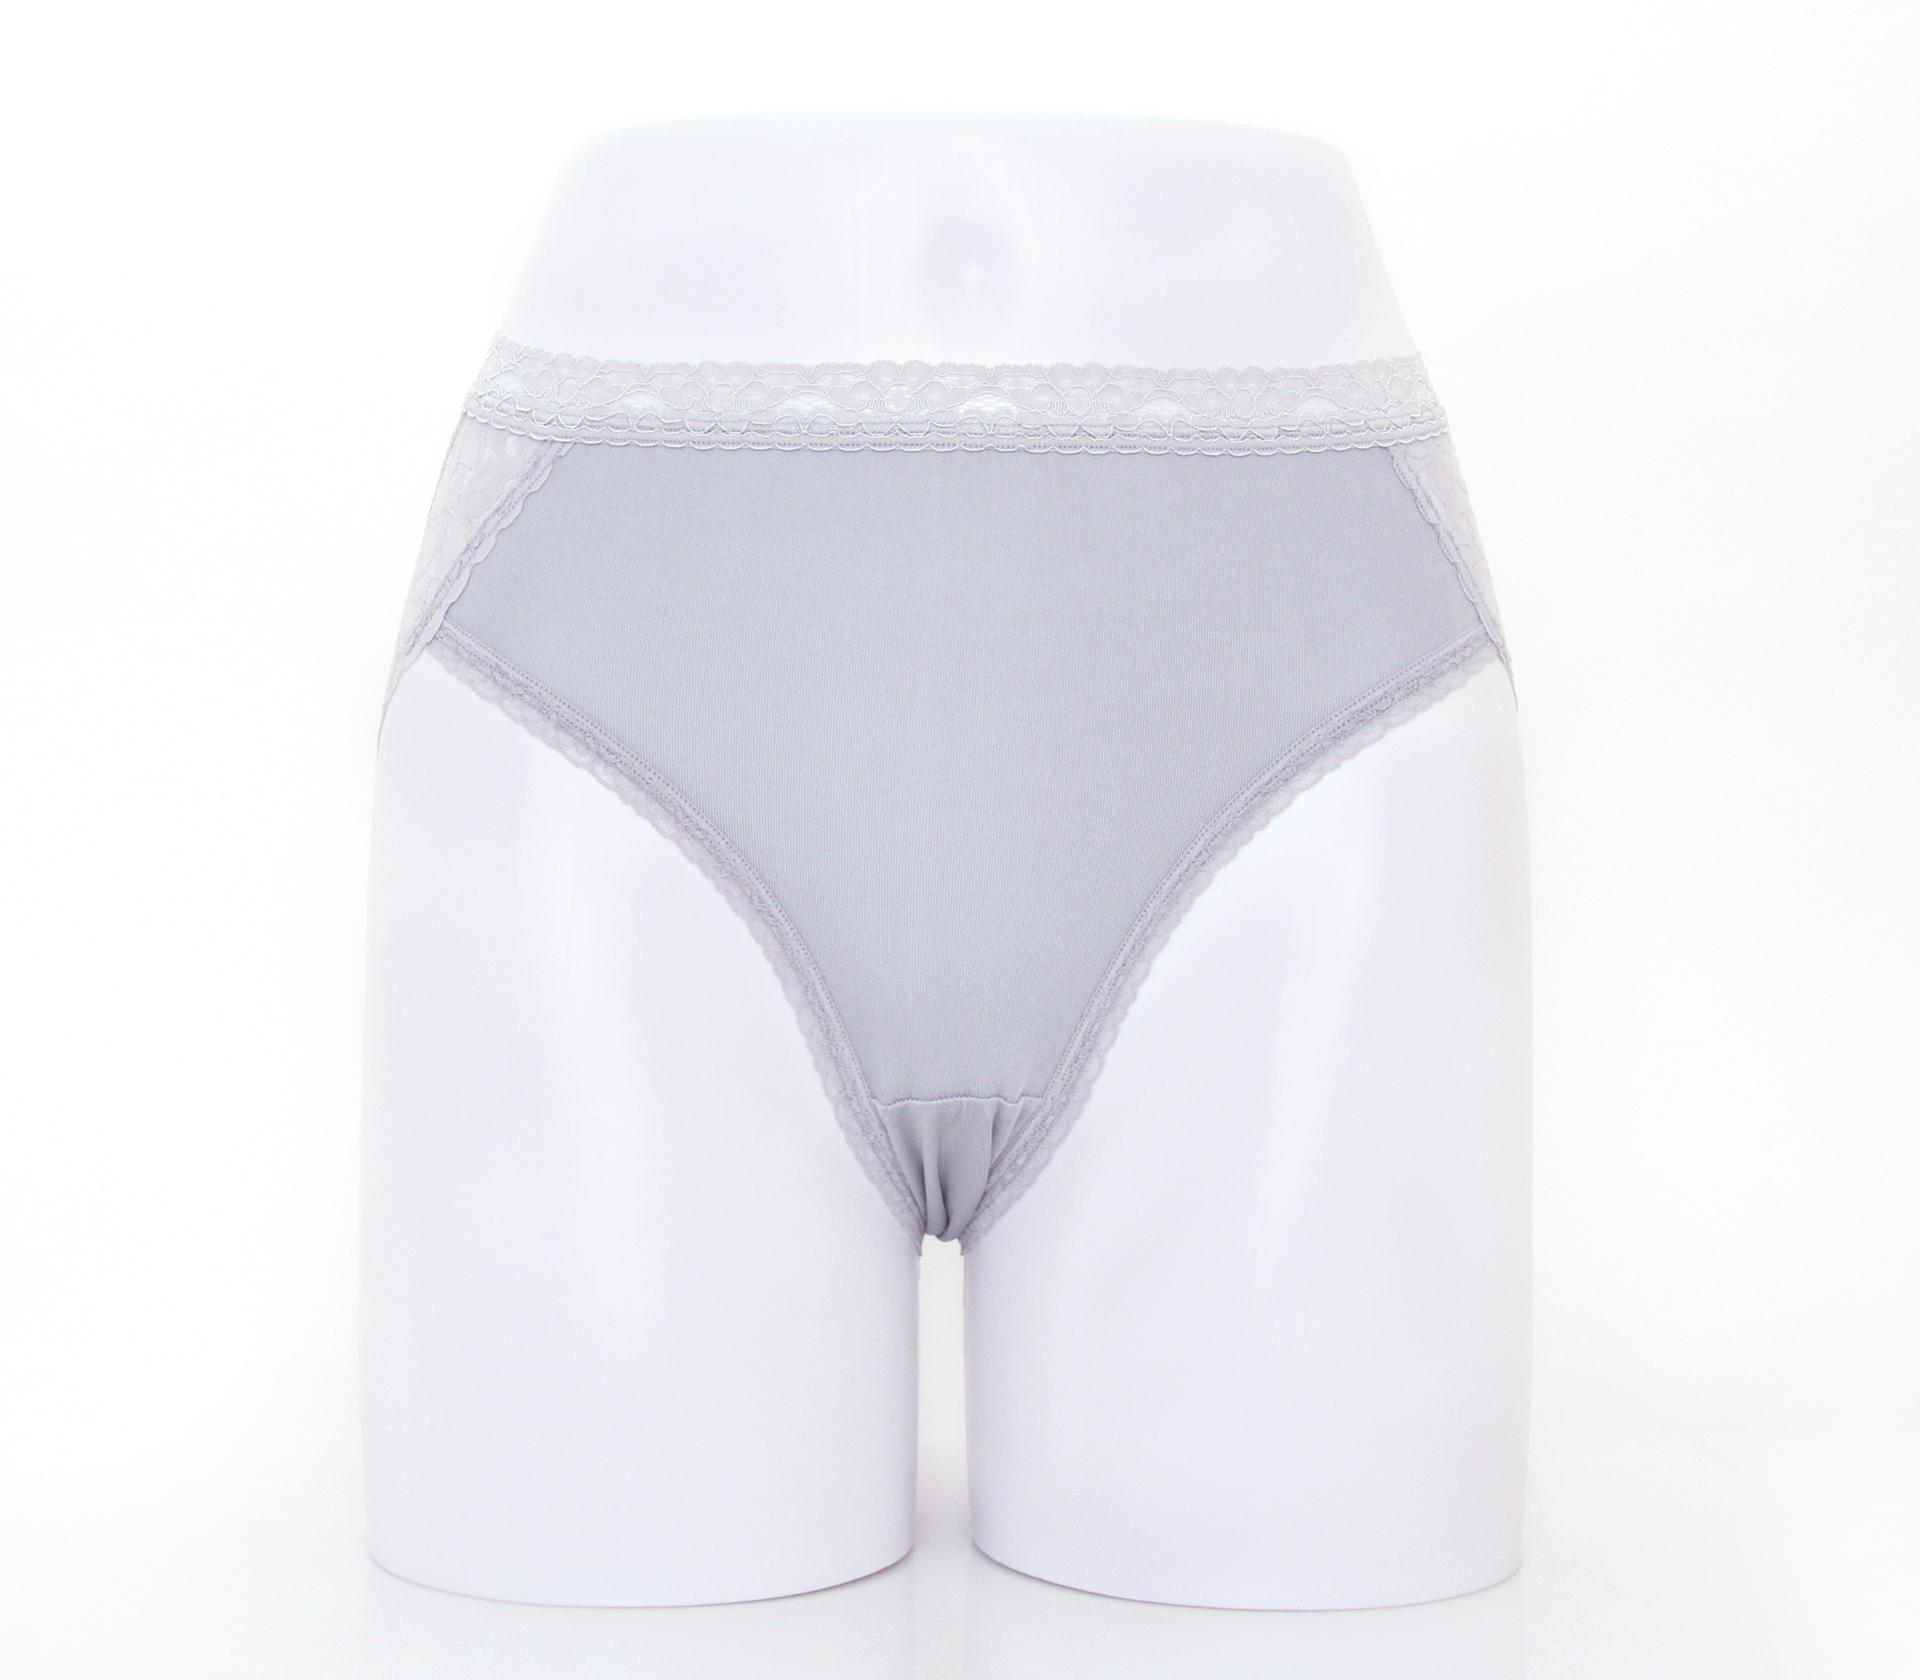 闕蘭絹優雅蕾絲花邊100%蠶絲內褲-3311(灰)